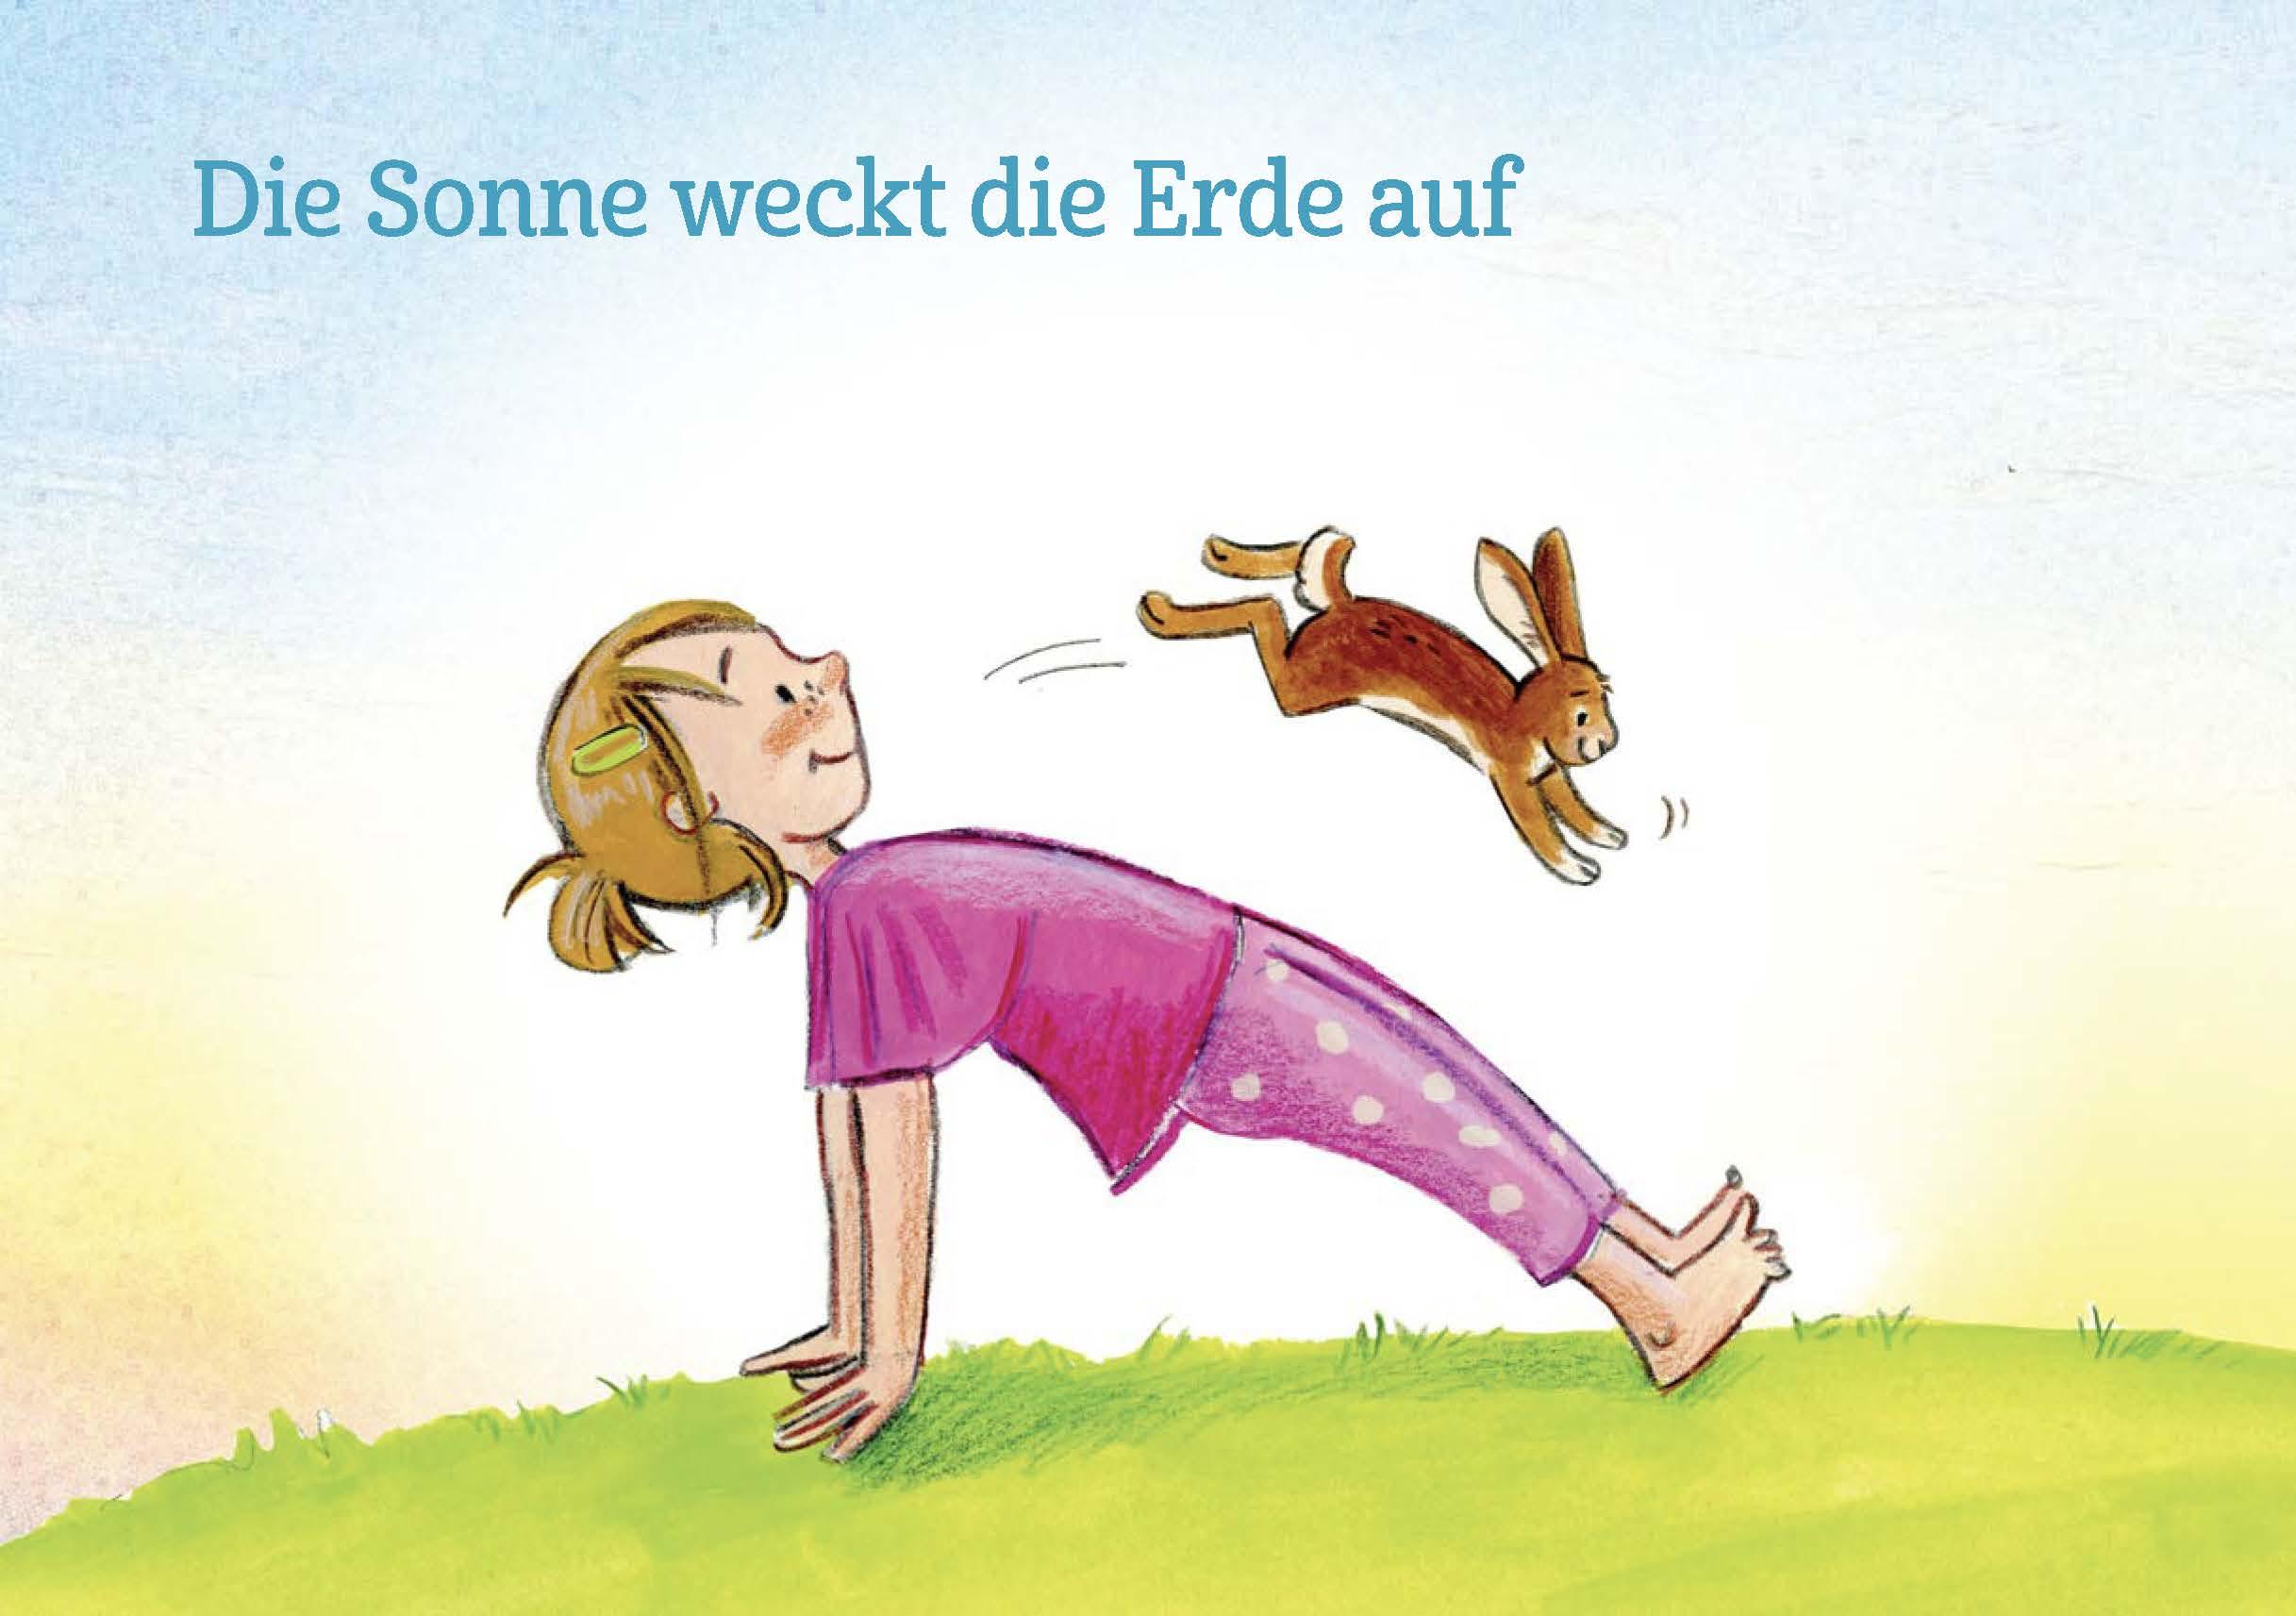 Innenansicht zu Kinderyoga-Bildkarten für Frühling und Sommer